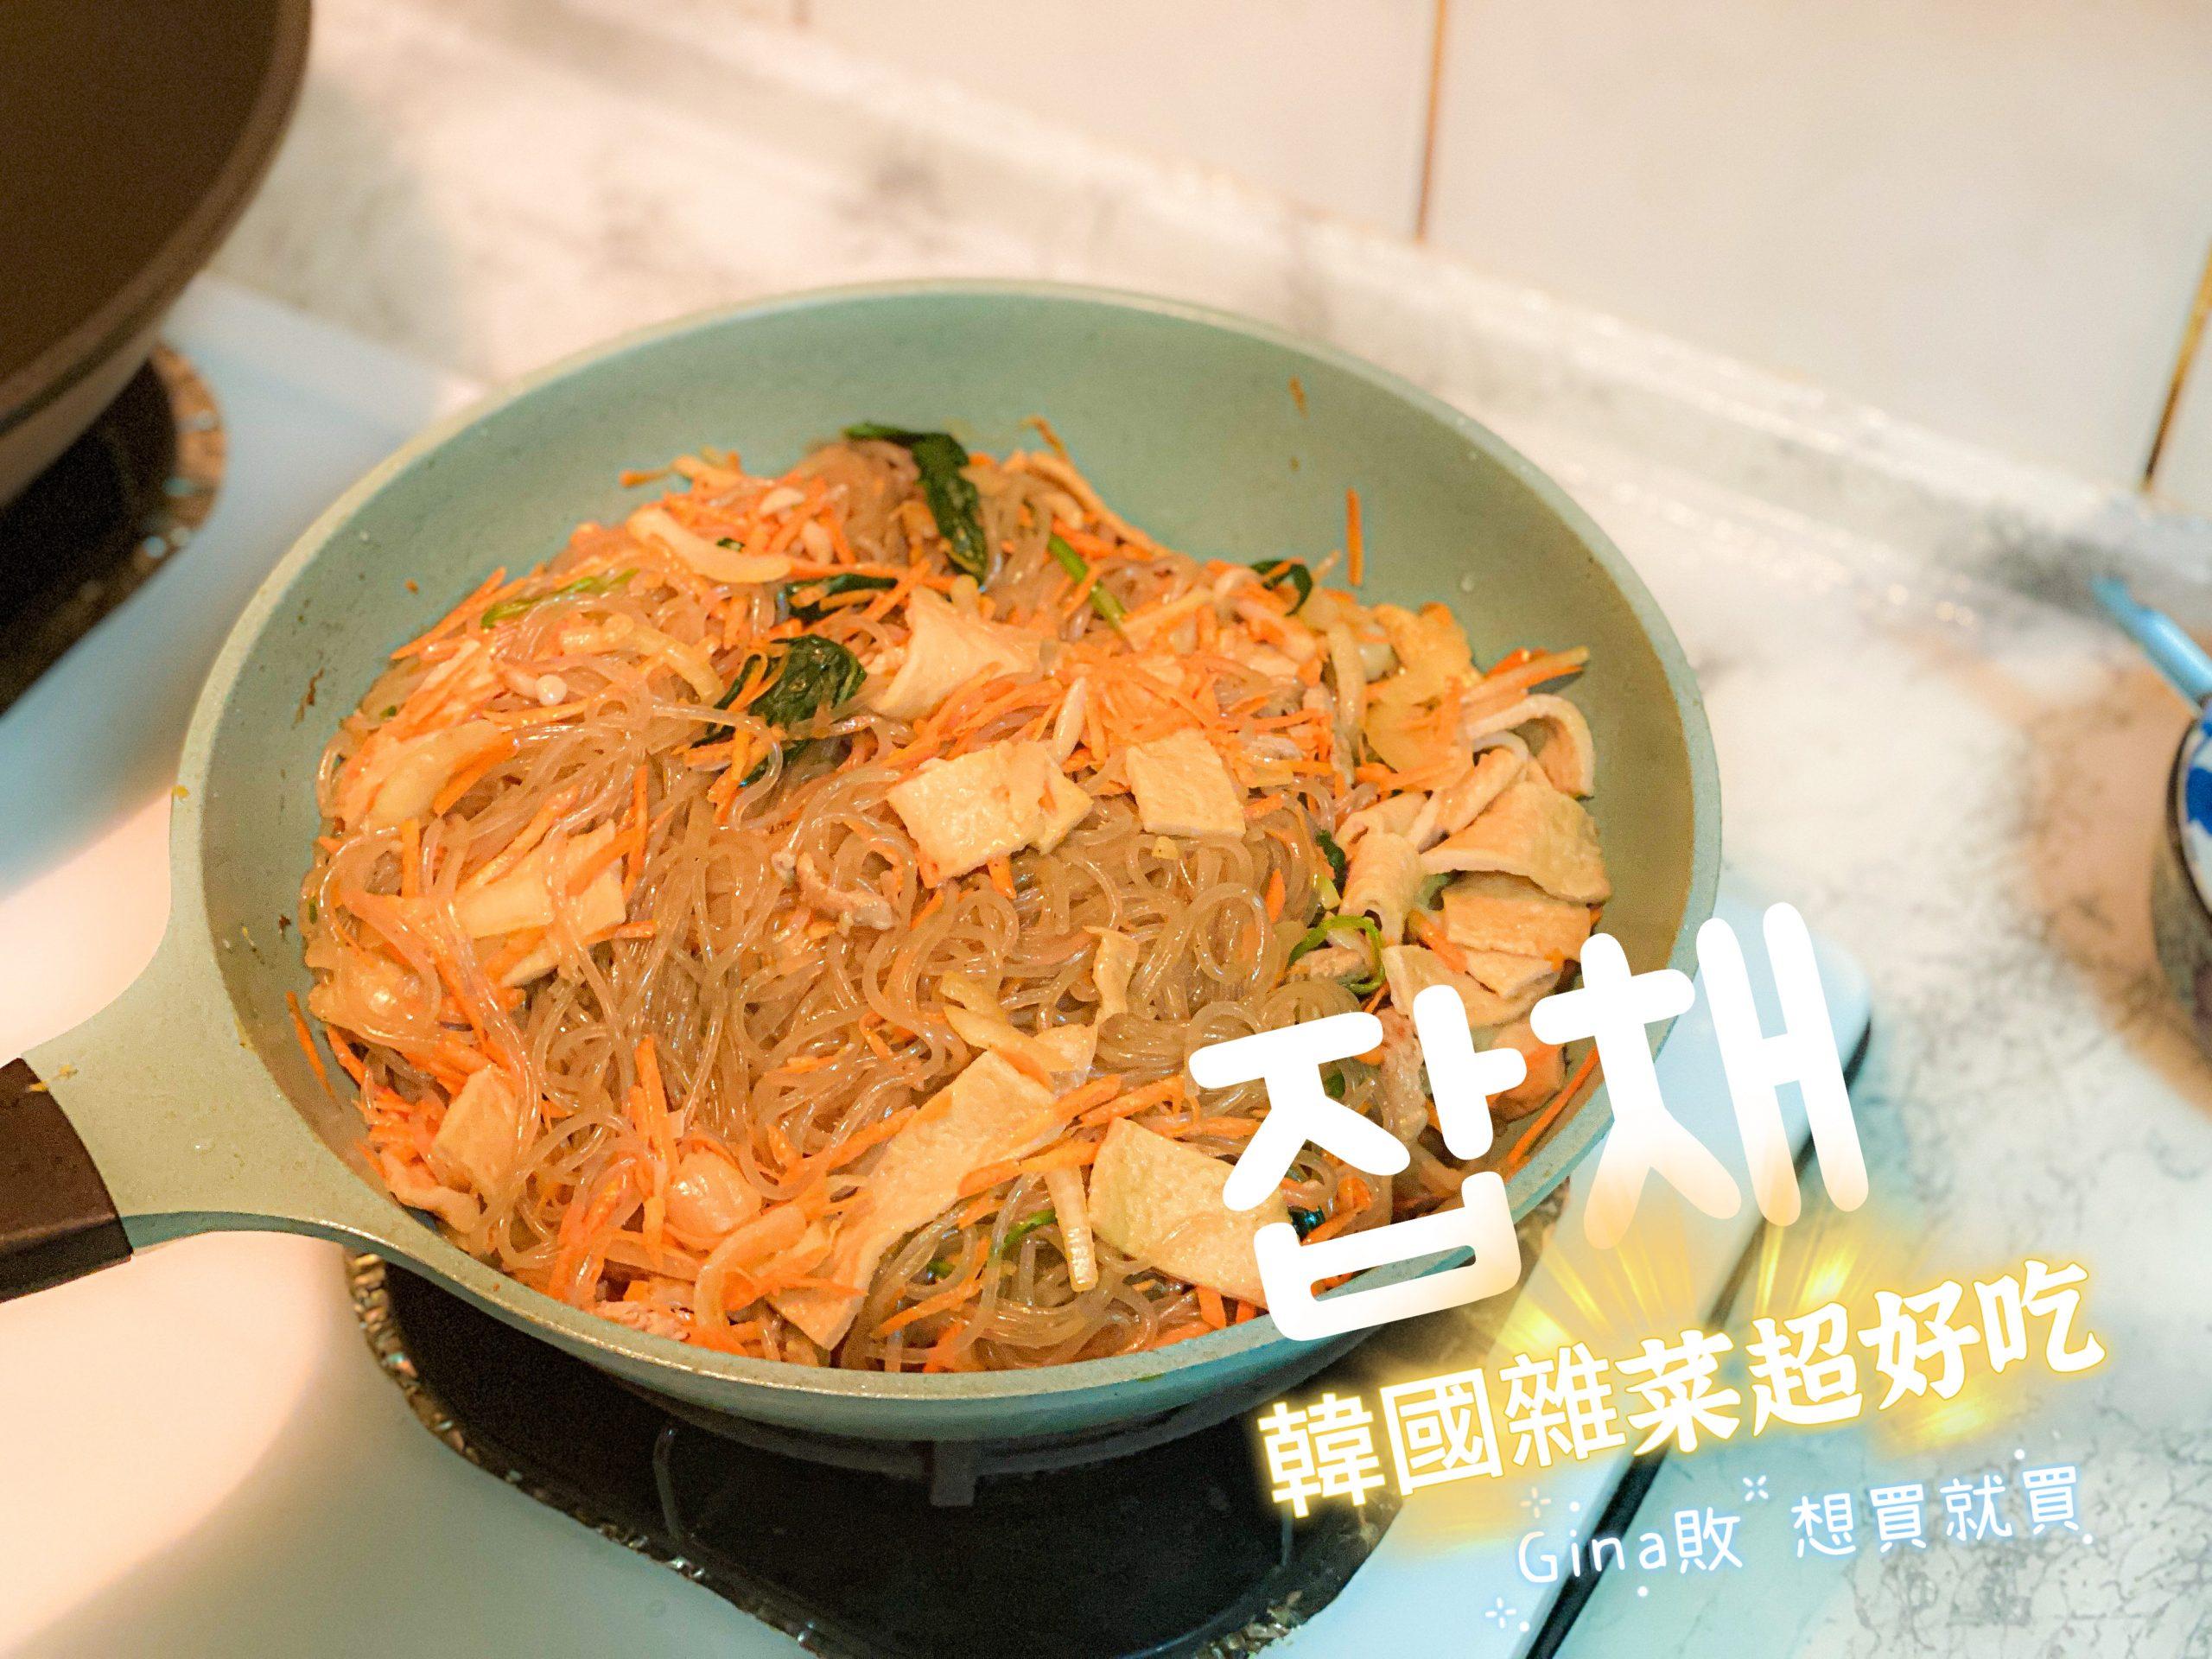 【2021韓式雜菜食譜】韓國料理雜菜作法|韓國雜菜、韓國冬粉哪裡買? @GINA環球旅行生活